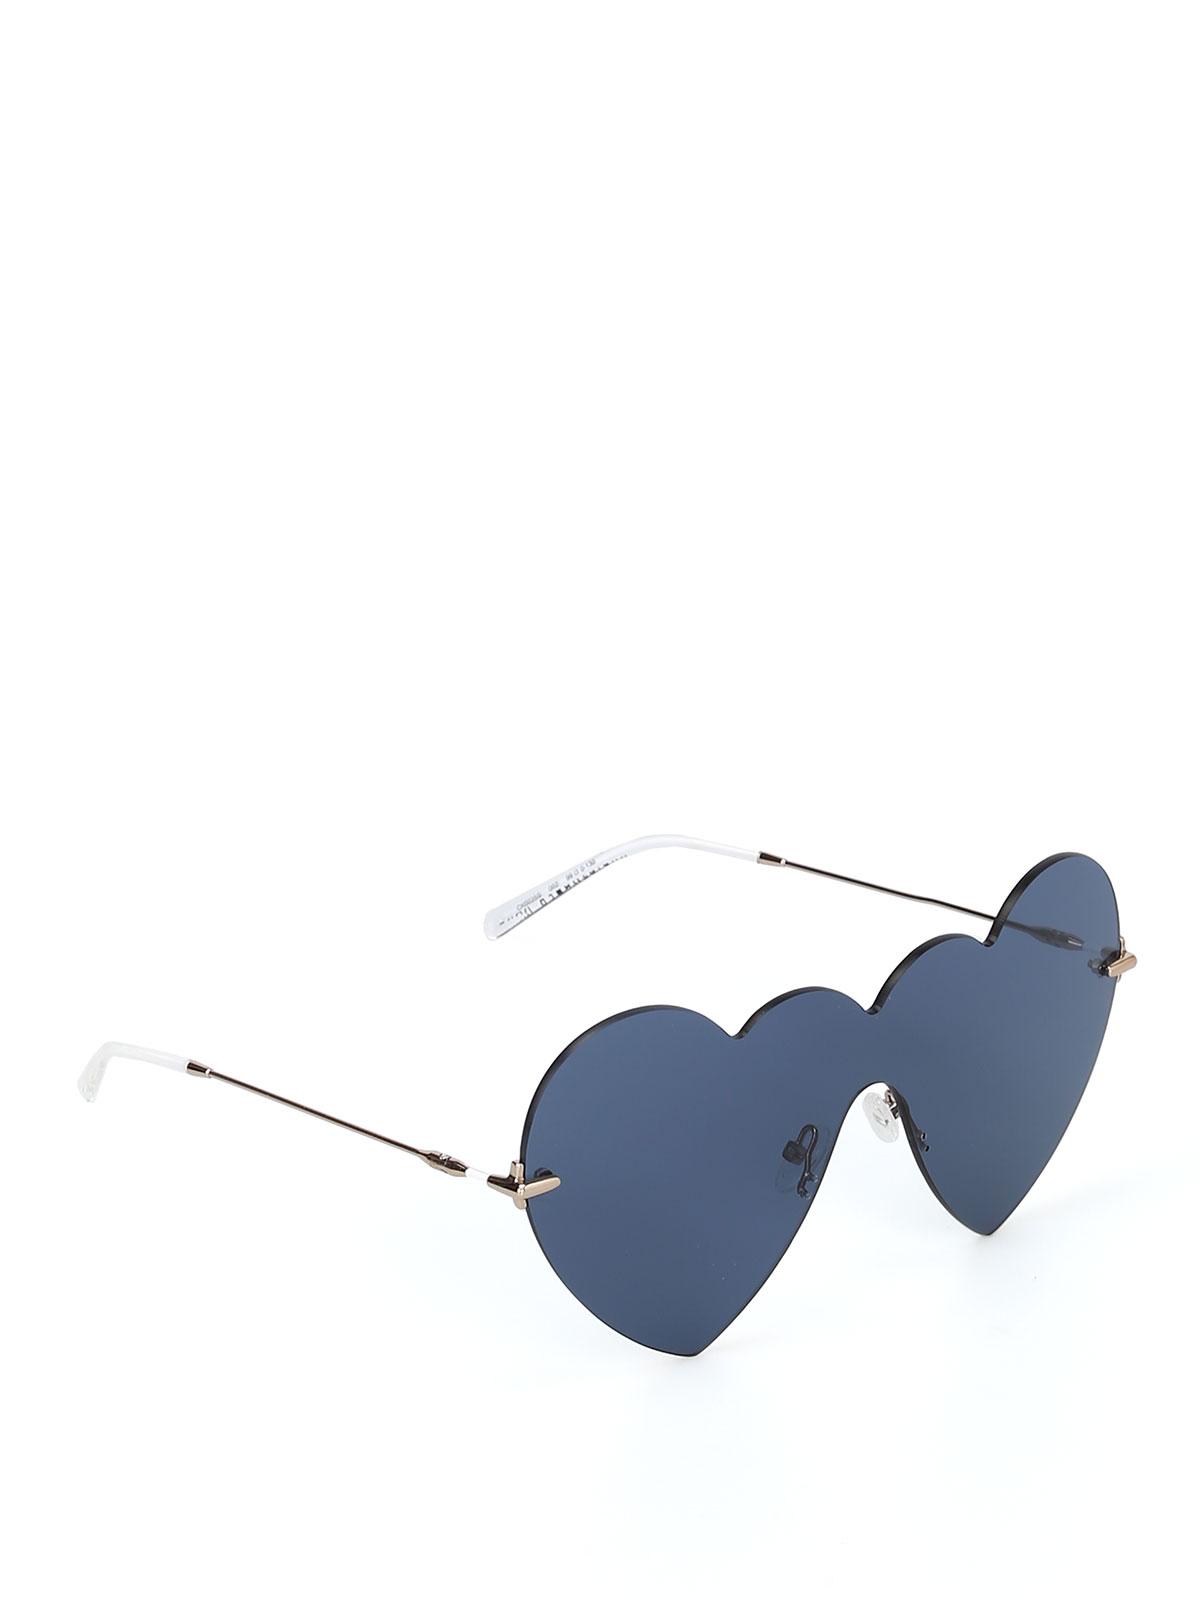 c9b105f693ded Christopher Kane - Lunettes De Soleil - Bleu - Lunettes de soleil ...